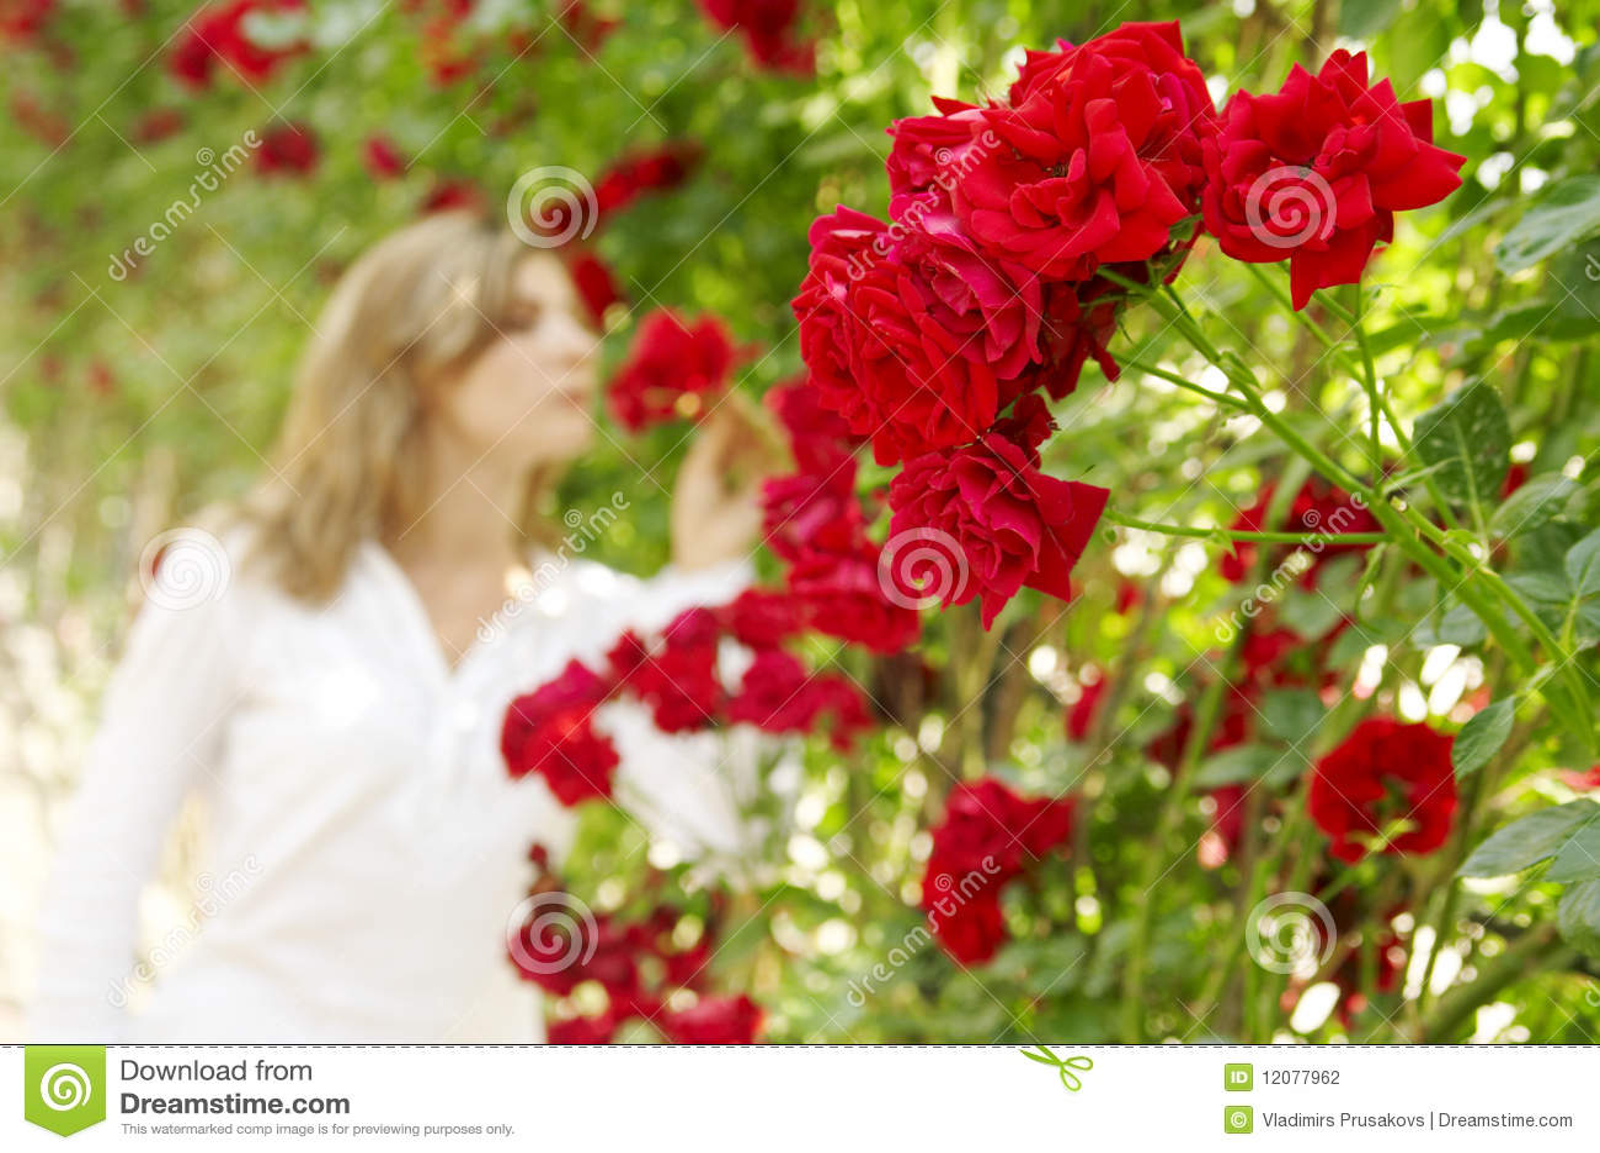 Mulher No Jardim Das Rosas Fotografia de Stock  Imagem 12077962